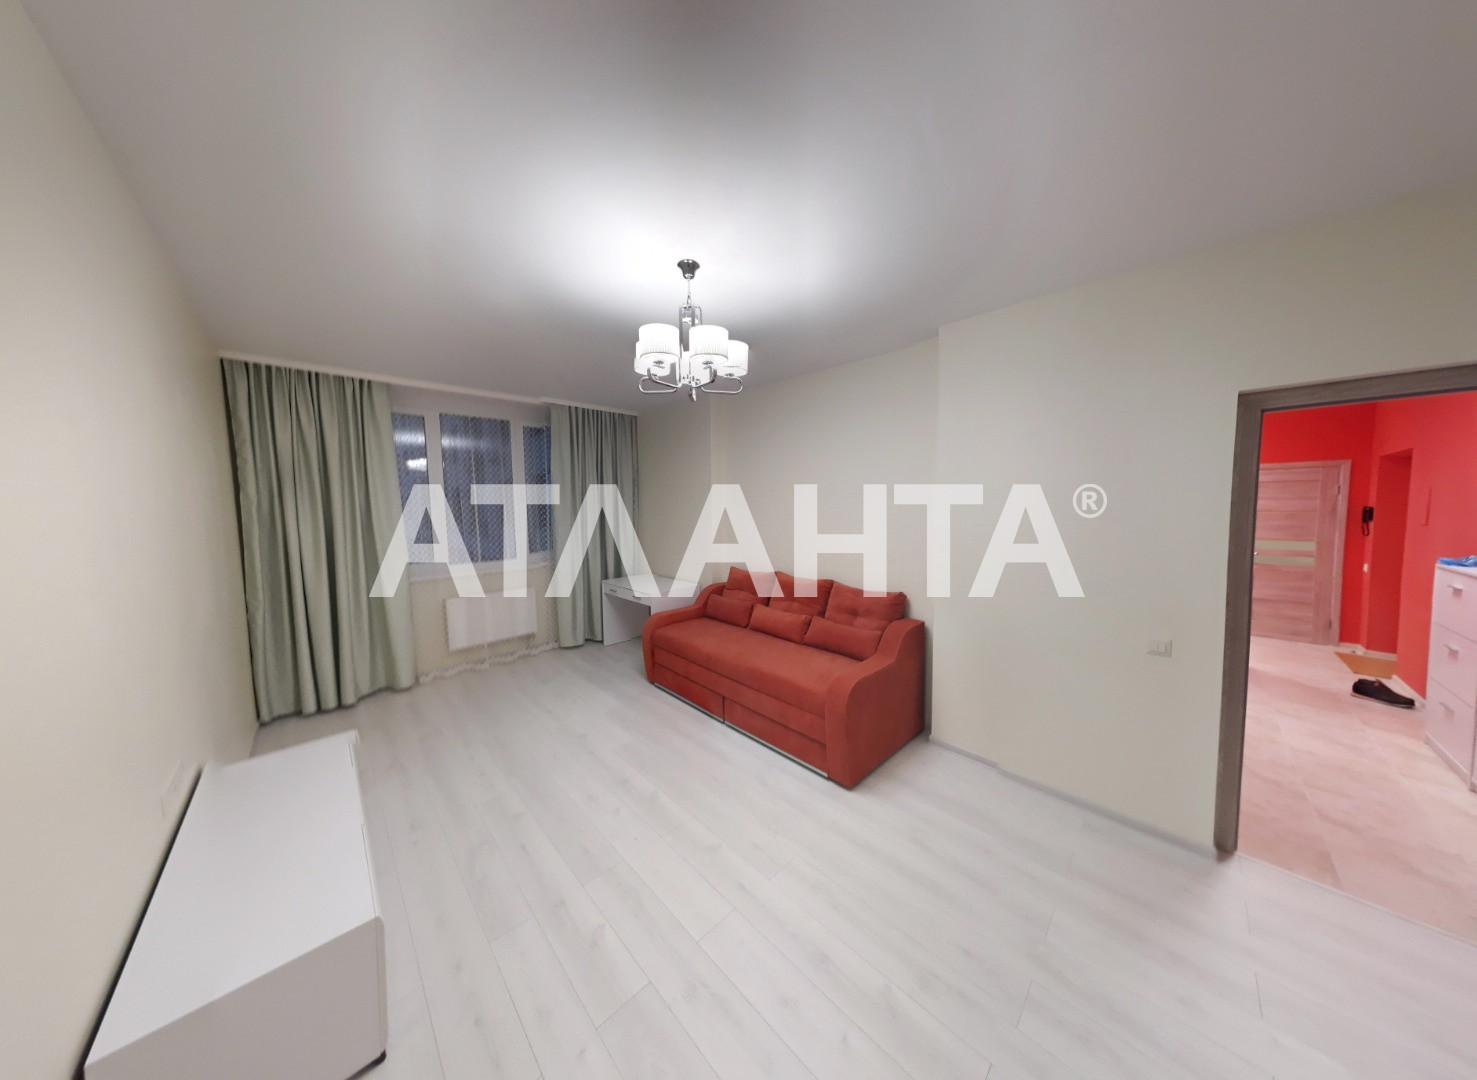 Продается 2-комнатная Квартира на ул. Академика Вильямса — 127 000 у.е. (фото №4)